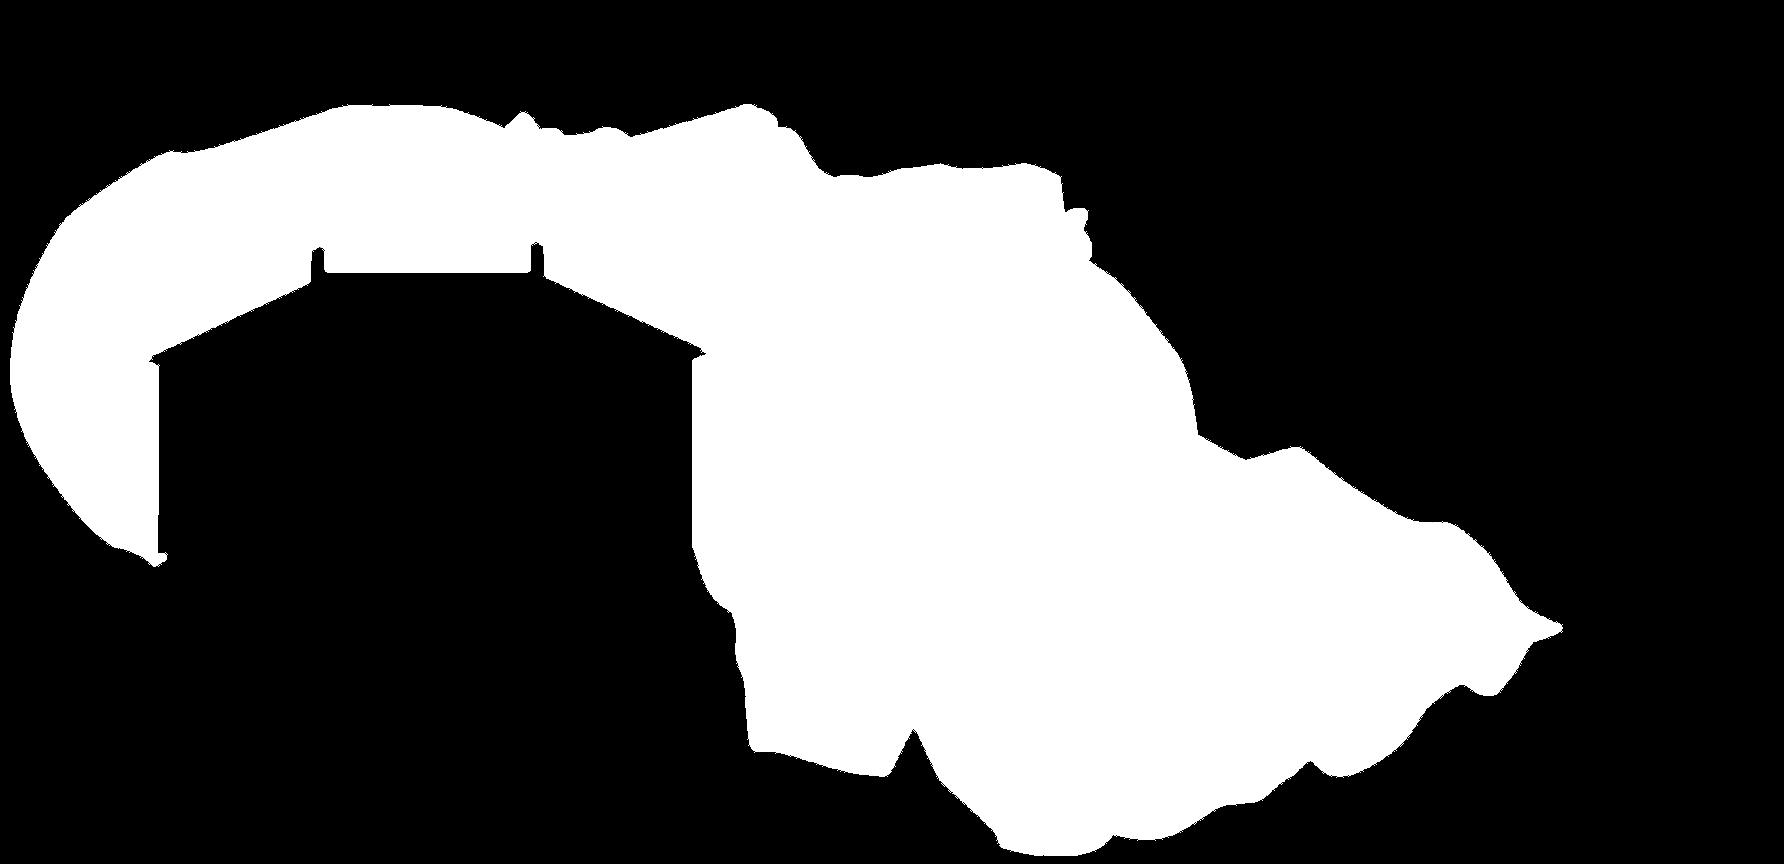 Stichting Bewaerschole